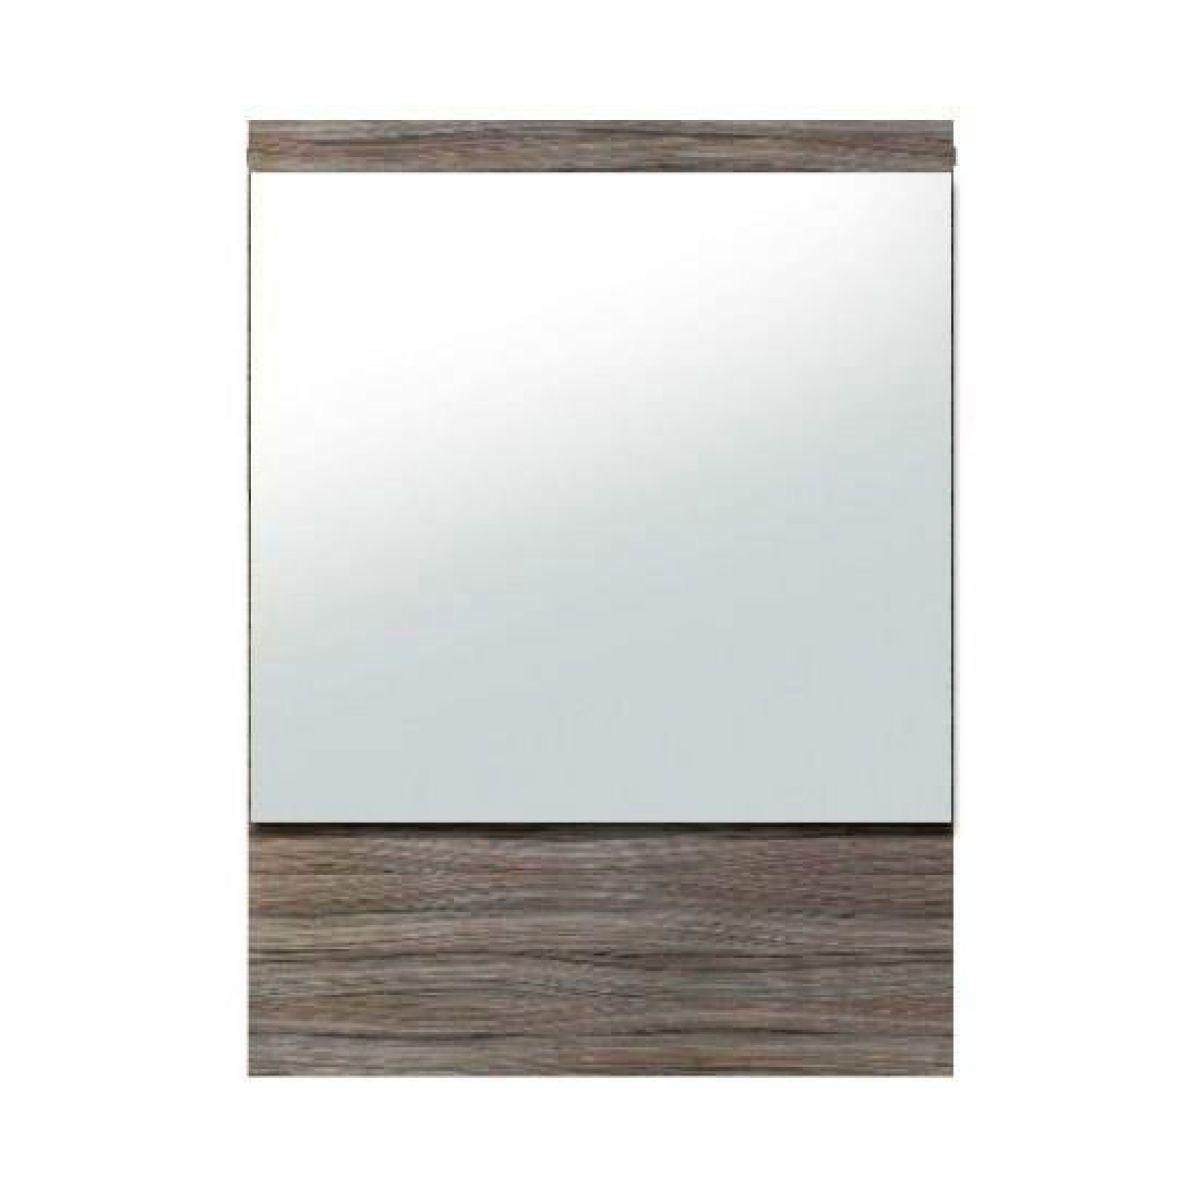 Shades Hm900 Contemporary Bathroom Mirror Uk Bathrooms